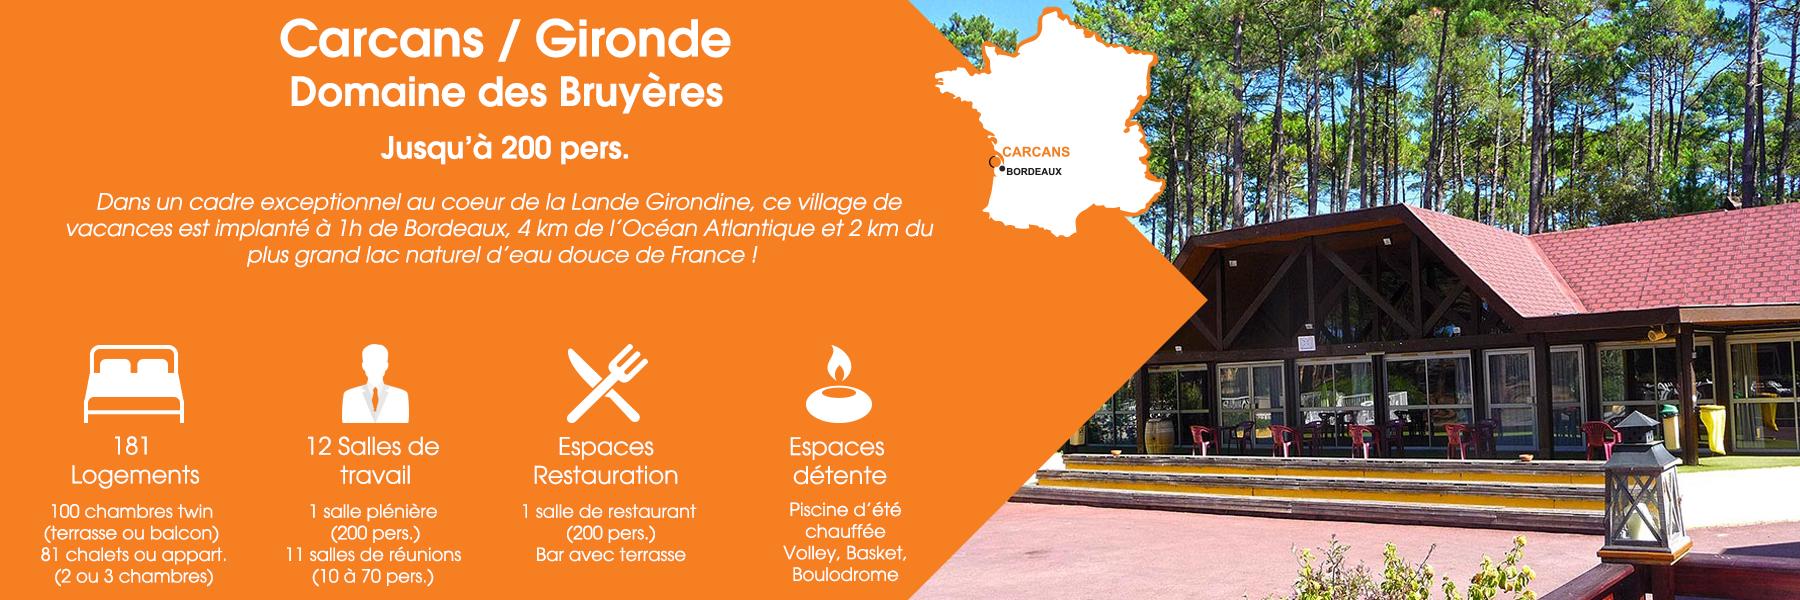 Le Domaine des Bruyères à Carcans, en Gironde, peut accueillir jusqu'à 200 personnes. Dans un cadre exceptionnel au cœur de la Lande Girondine, ce village de vacances est implanté à 1h de Bordeaux, 4 km de l'Océan Atlantique et 2 km du plus grand lac naturel d'eau douce de France ! Ce domaine est composé de 181 logements (100 chambres twin avec terrasse ou balcon et 81 chalets ou appartements de deux ou trois chambres), de 12 salles de travail (dont une salle plénière pour 200 personnes et 11 salles de réunions pour 10 à 70 personnes), d'espaces de restauration (une salle de restaurant pour 200 personnes et un bar avec terrasse) et d'espaces de détente (une piscine d'été, volley, basket et boulodrome).